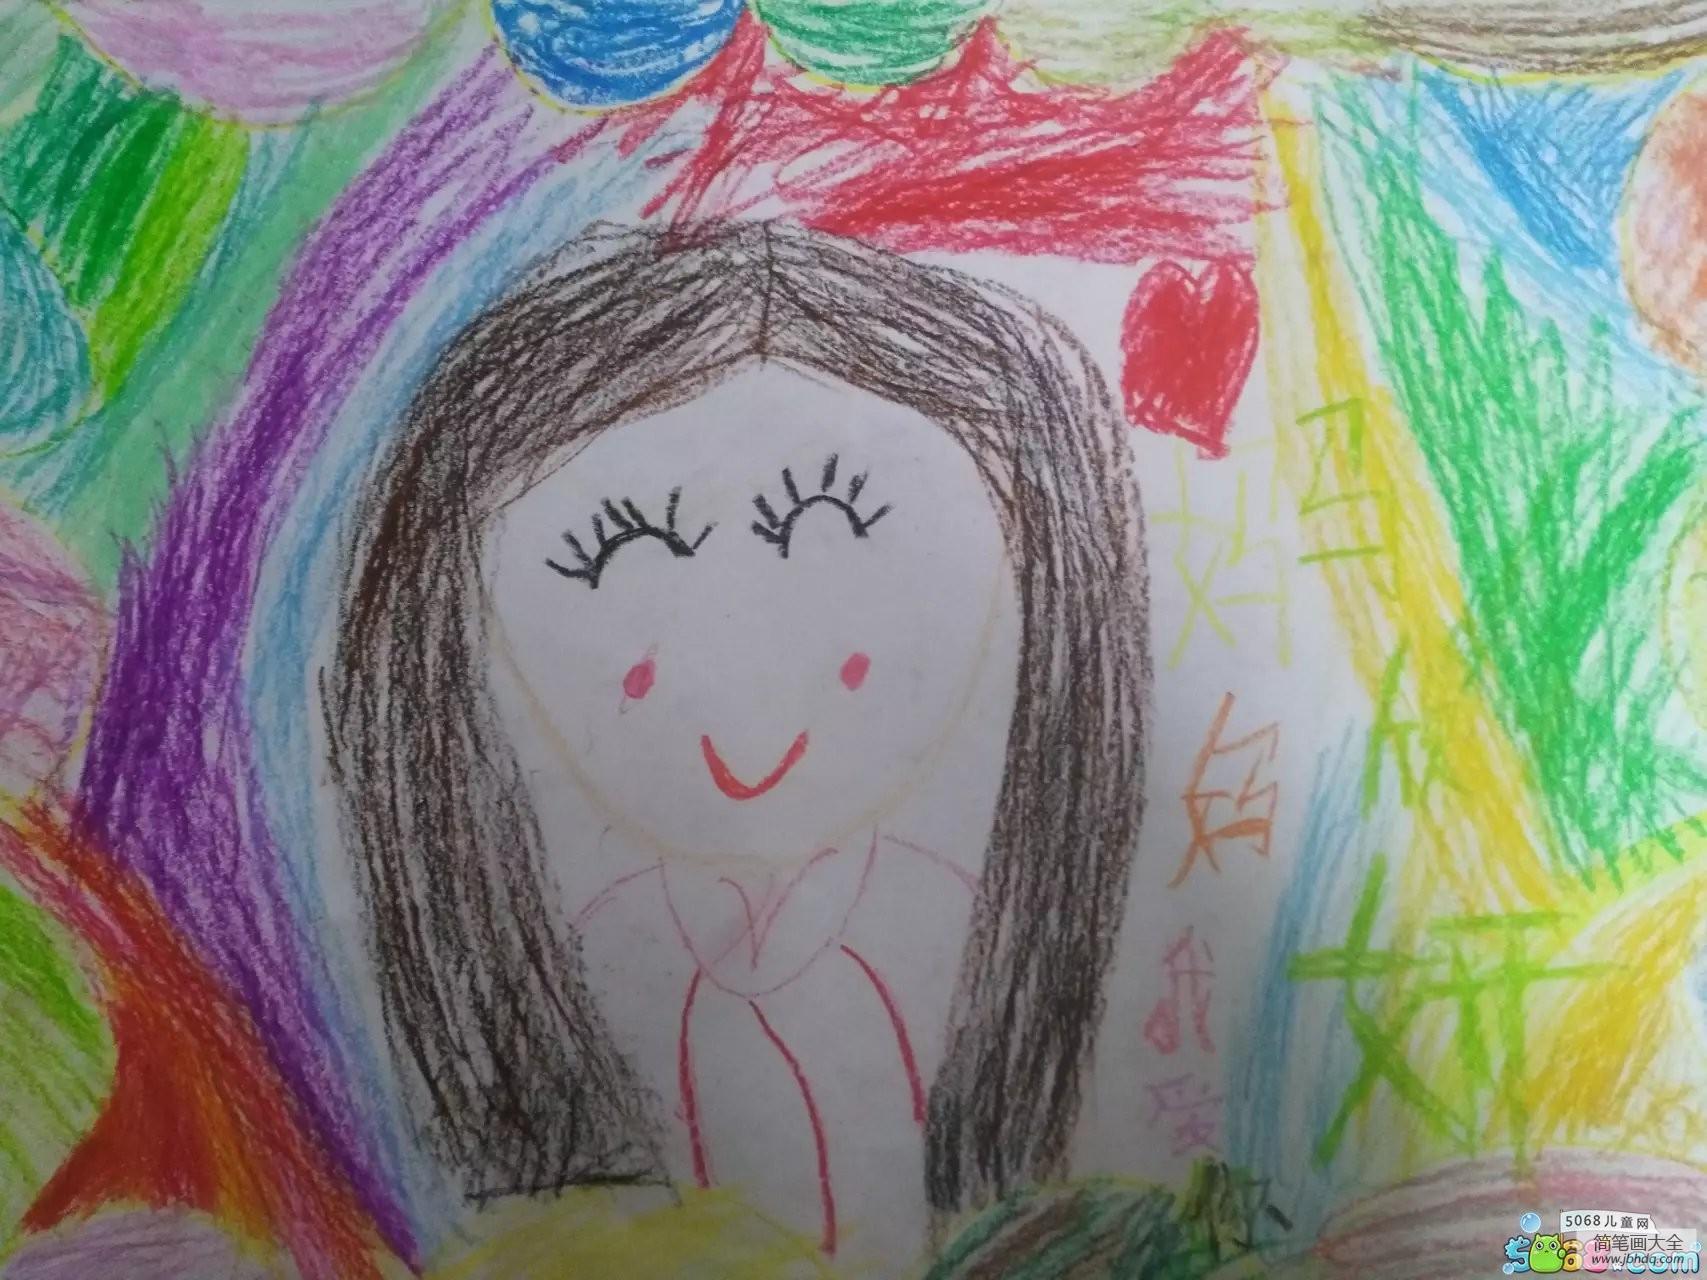 [祝所有的三八们节日快乐]祝亲爱的妈妈节日快乐三八妇女节绘画作品大全